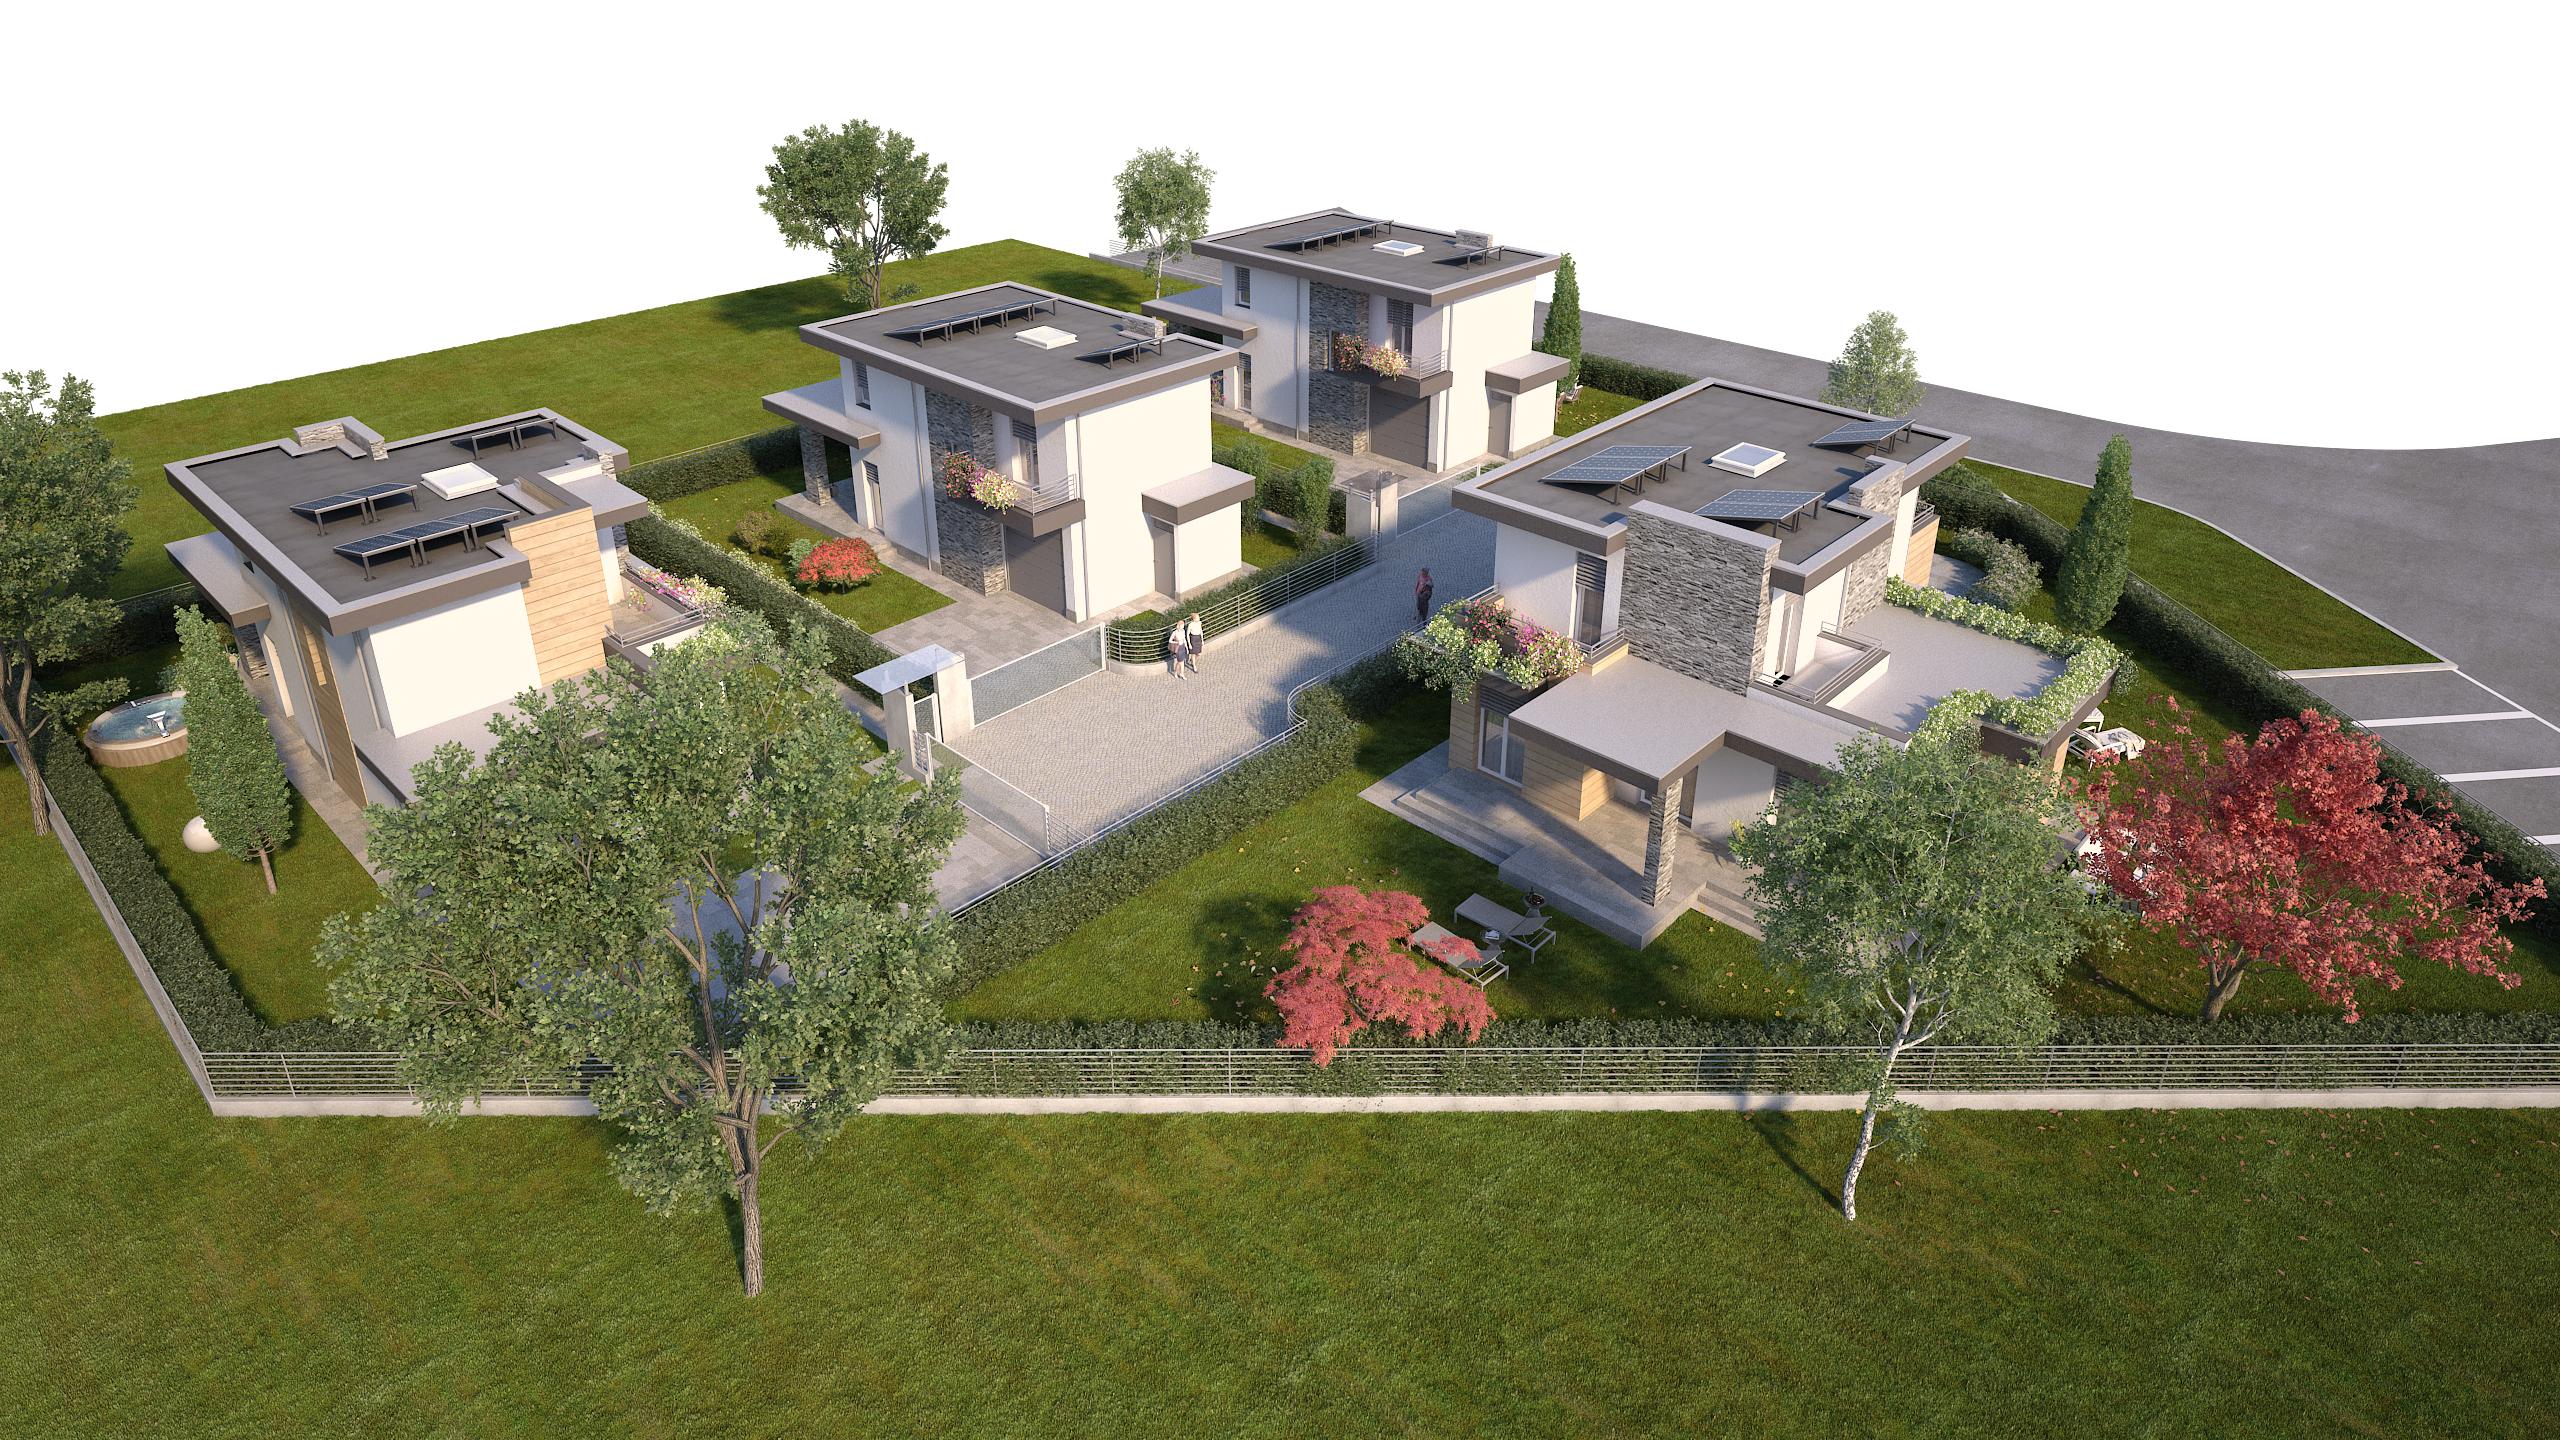 Vendita di nuove costruzioni